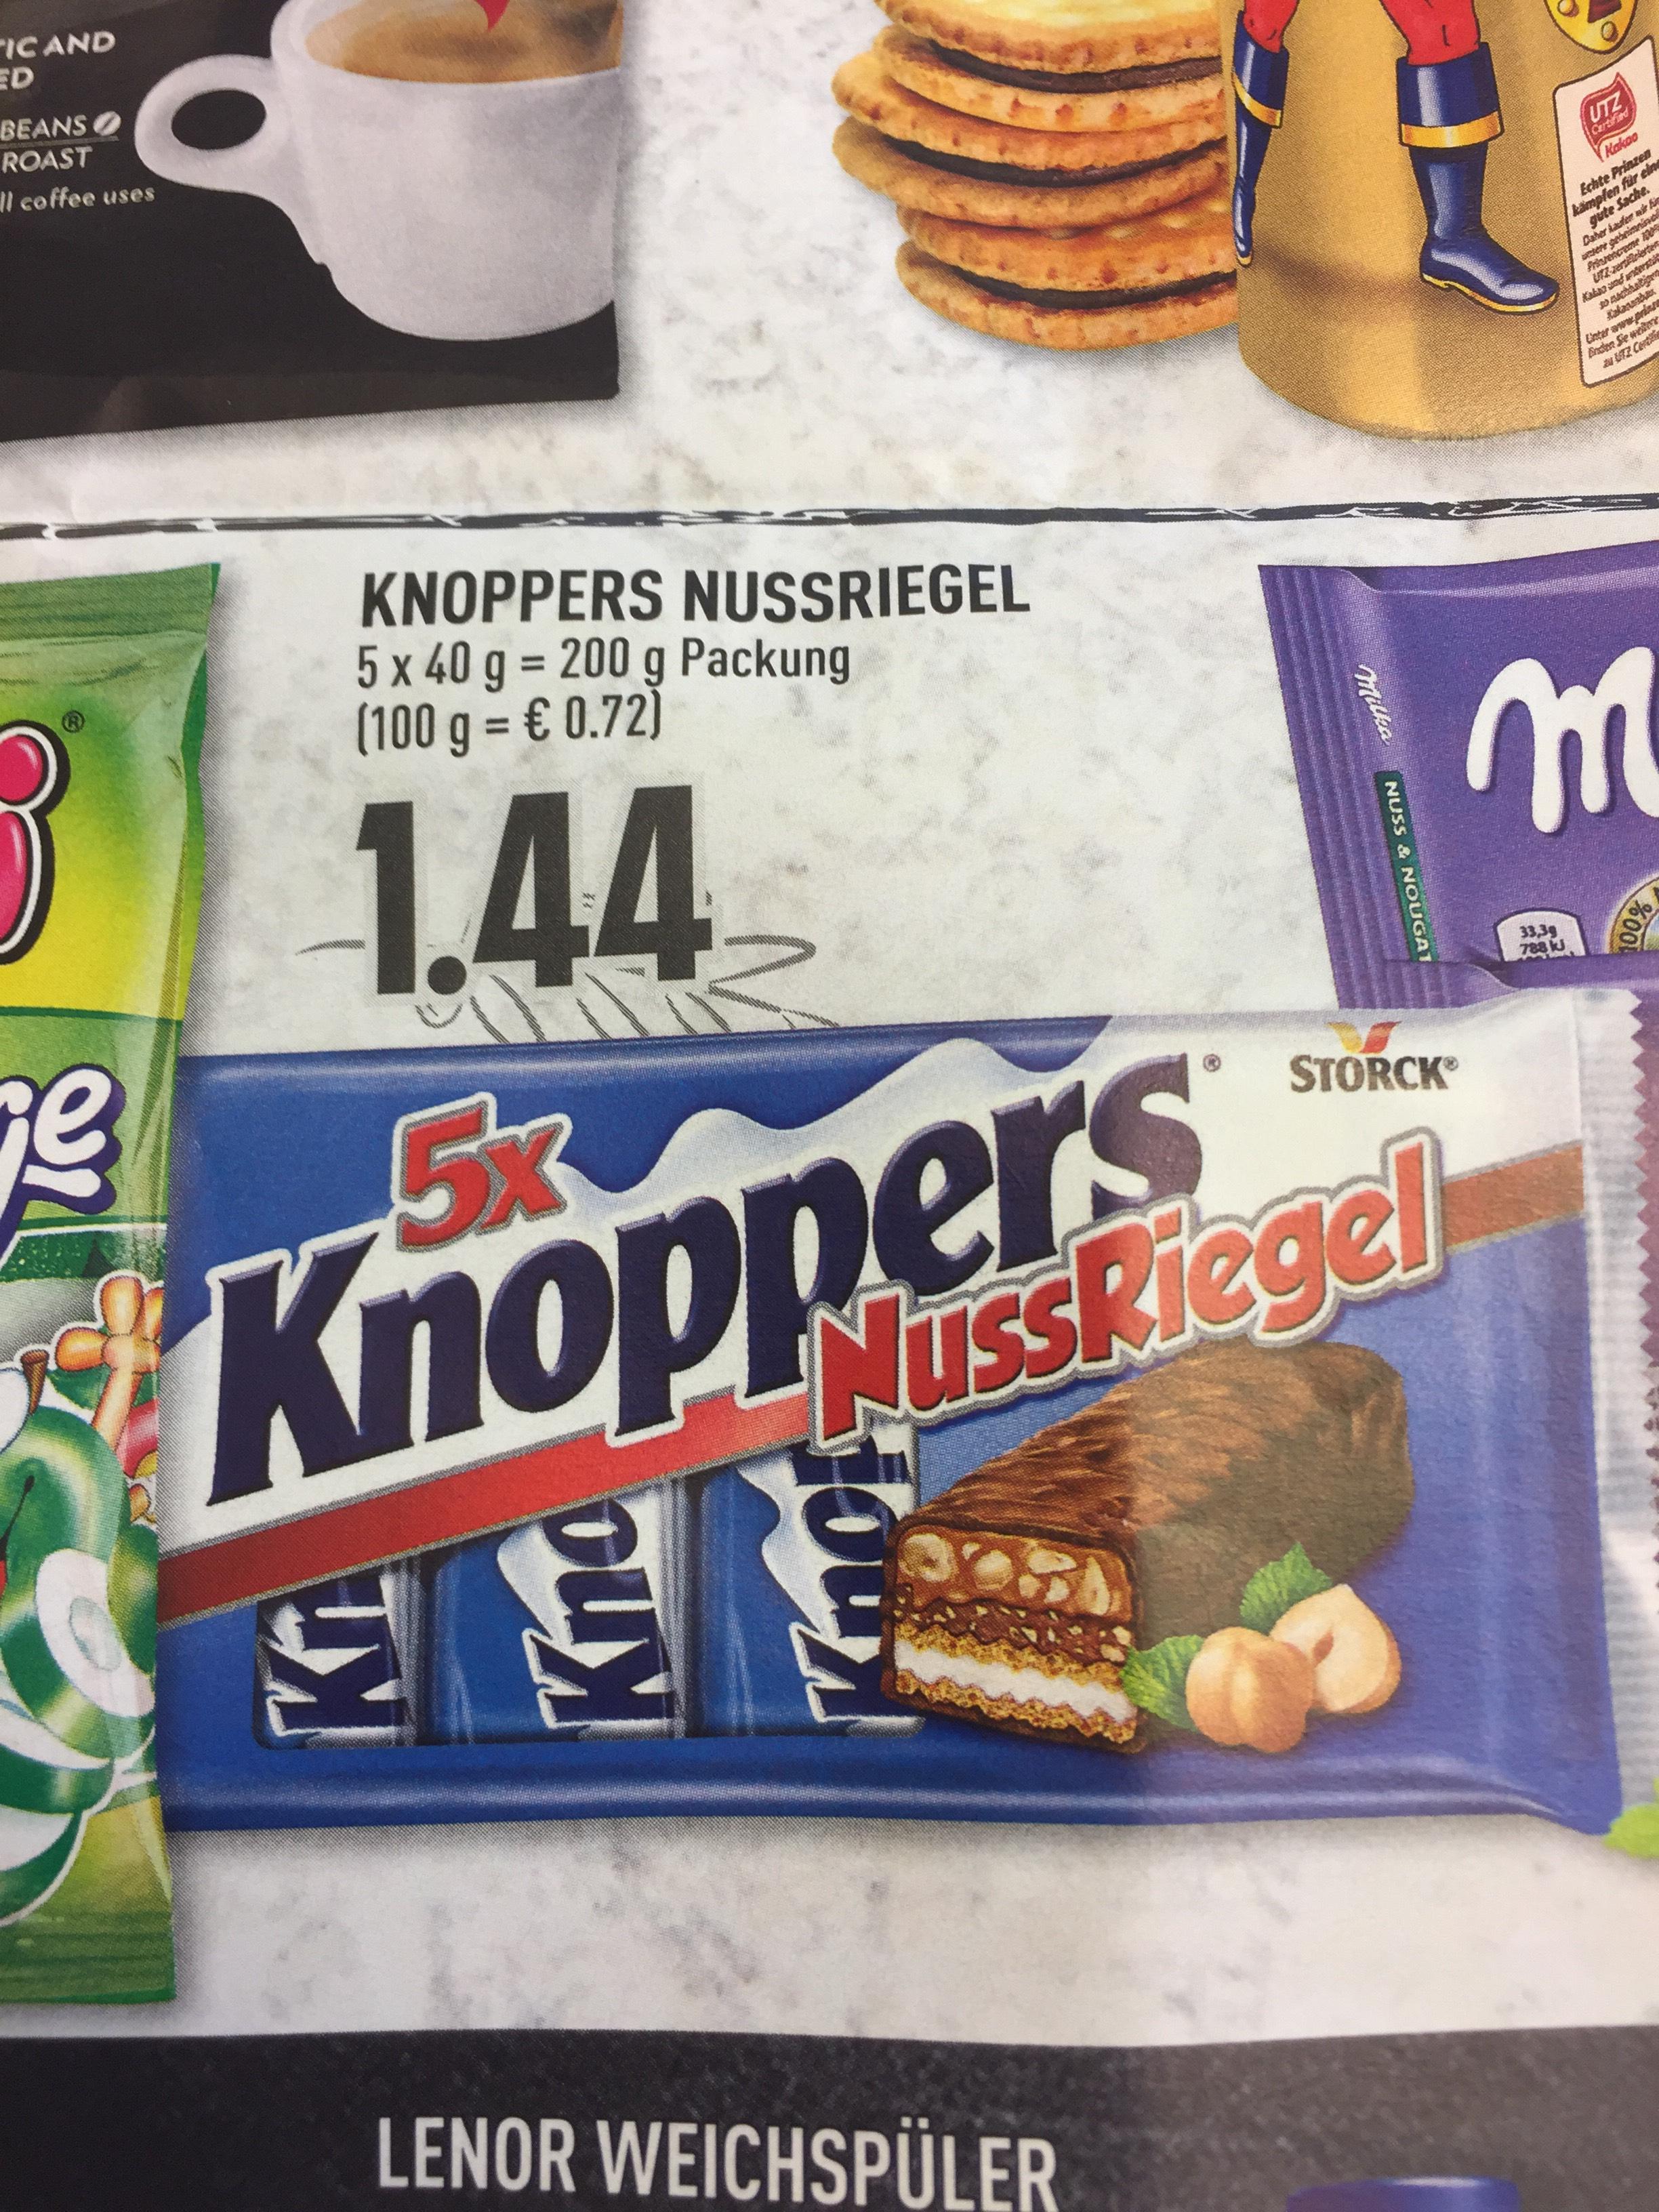 EDEKA Rhein-Ruhr, Knoppers Nussriegel 5er zu 1,44€